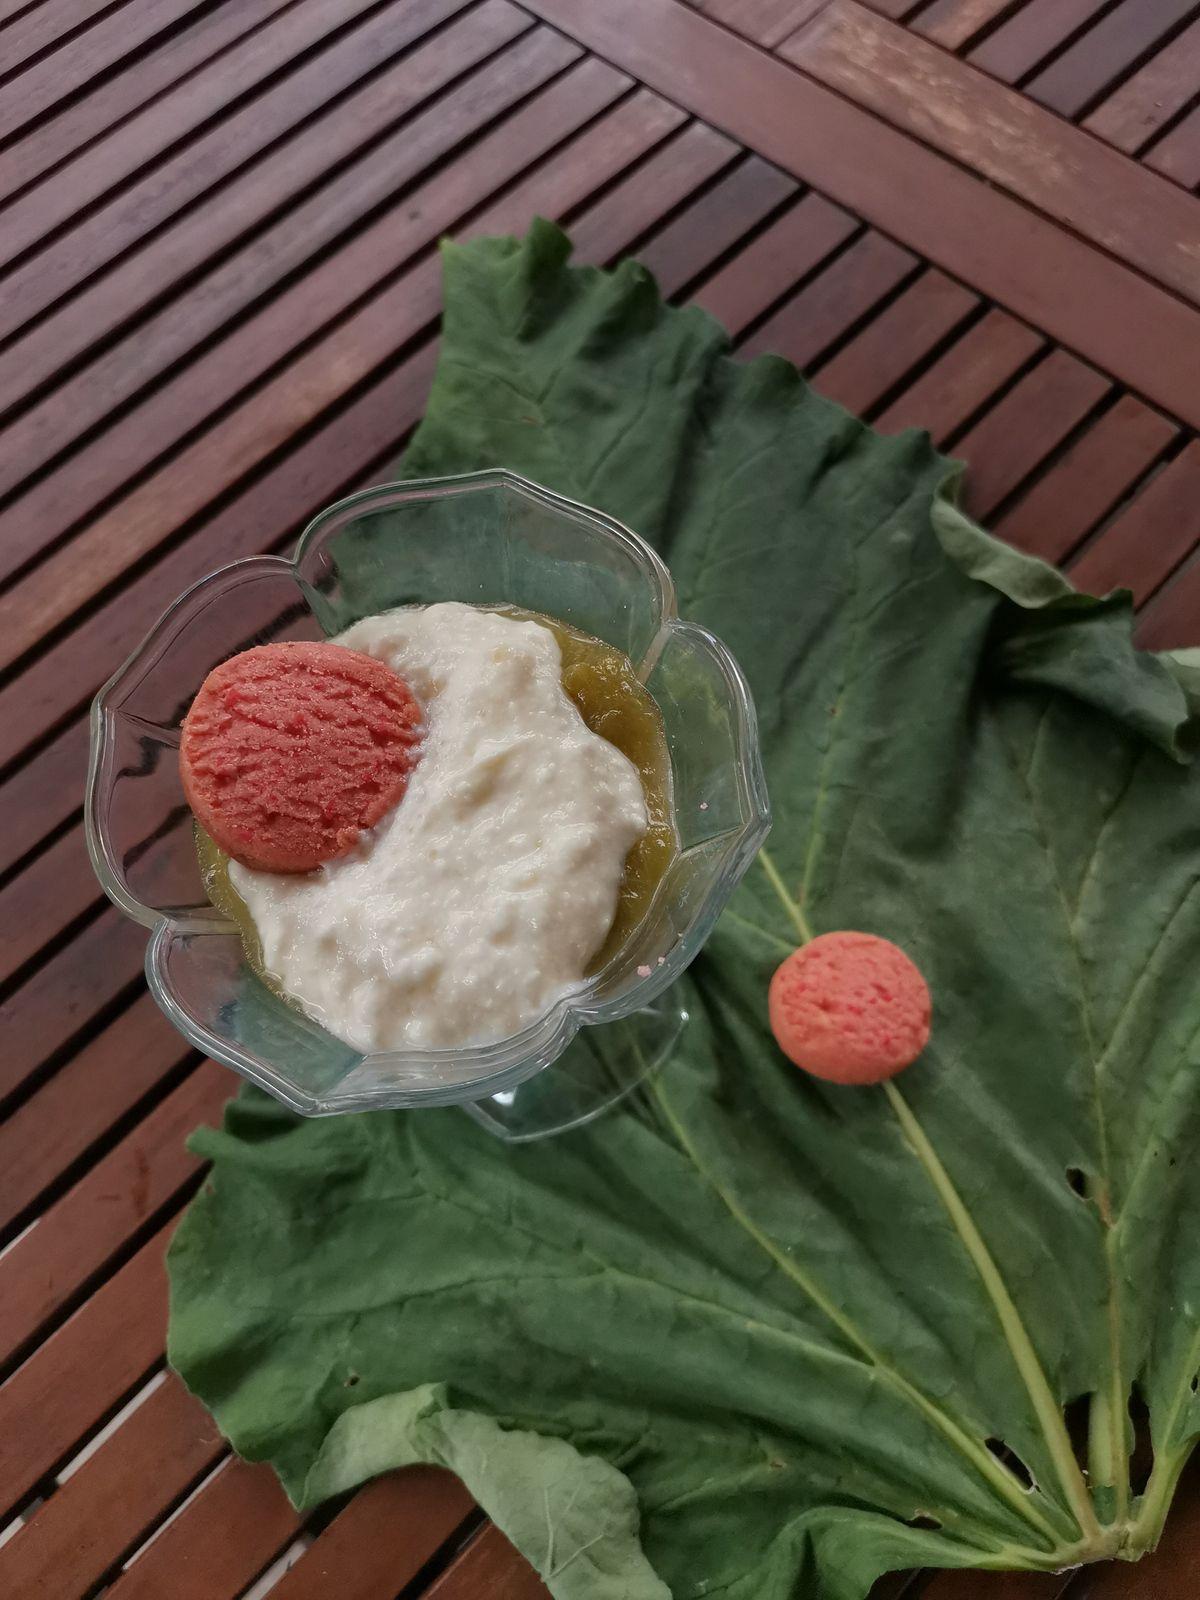 verrines de compotée de rhubarbe au fromage blanc